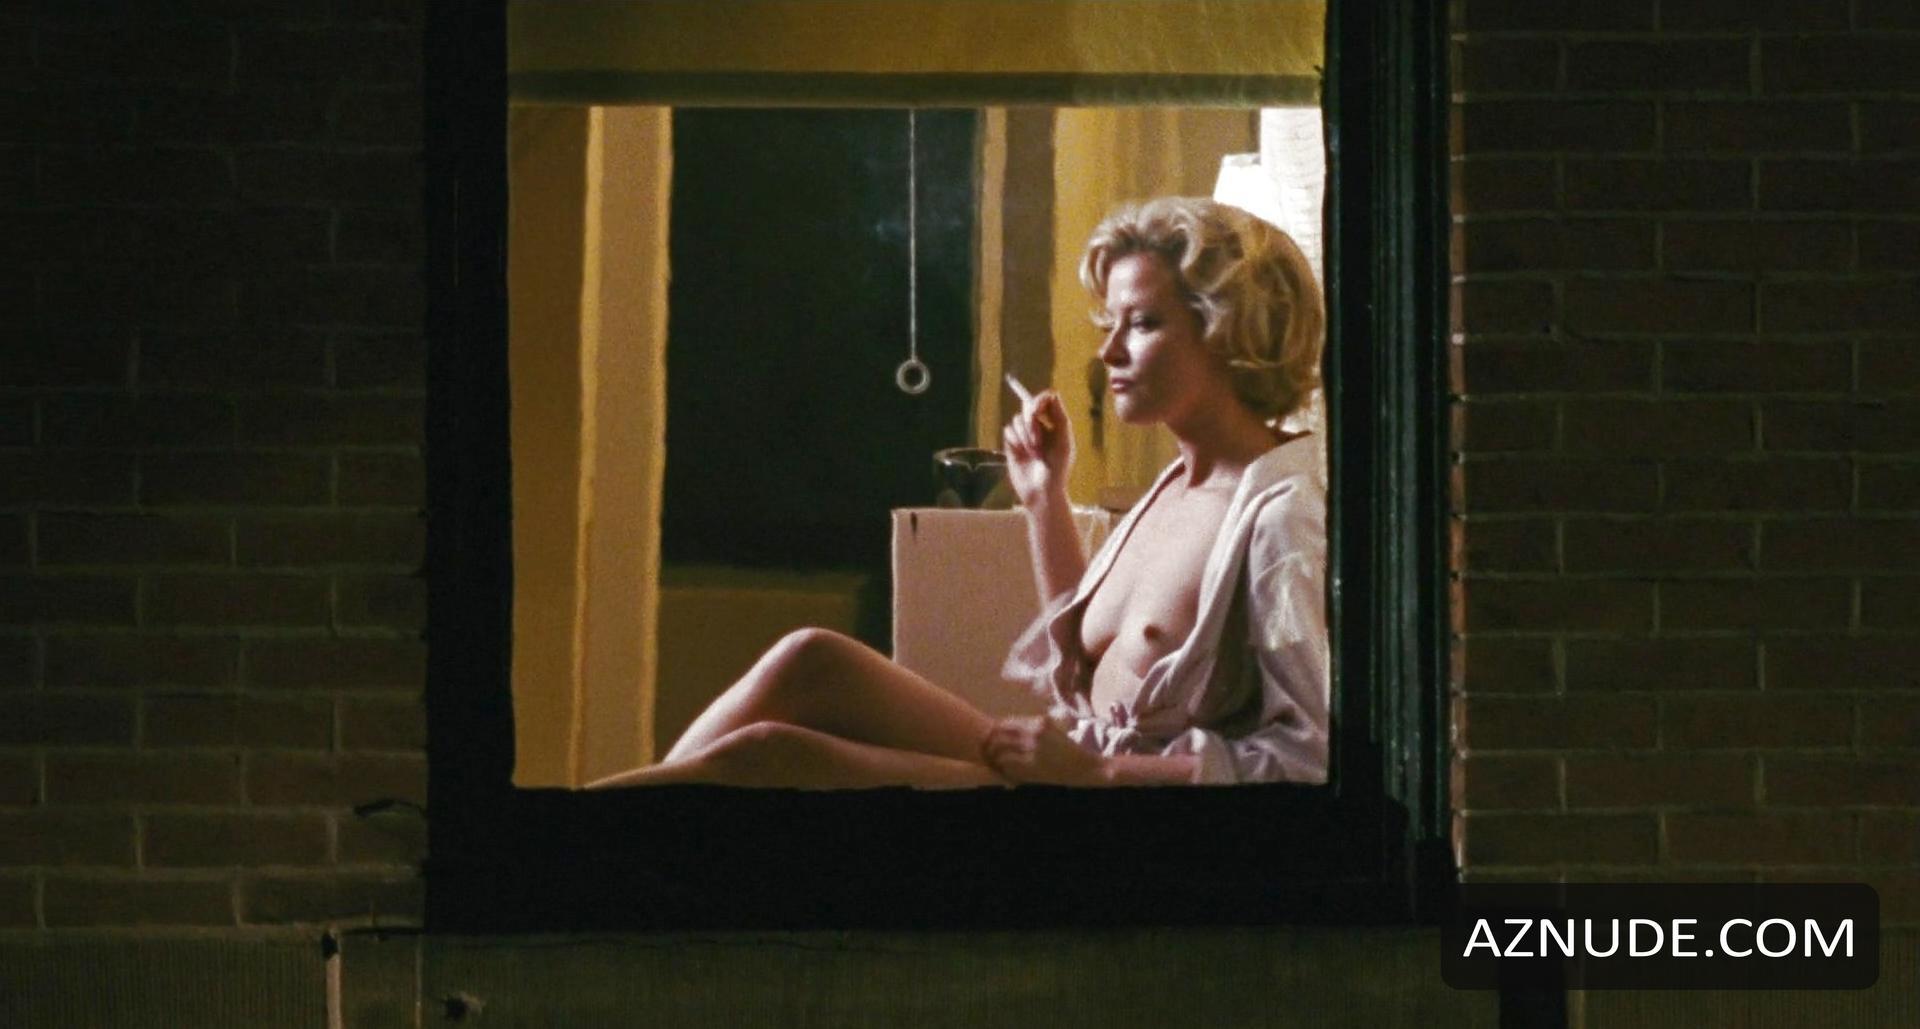 an american affair nude scenes aznude